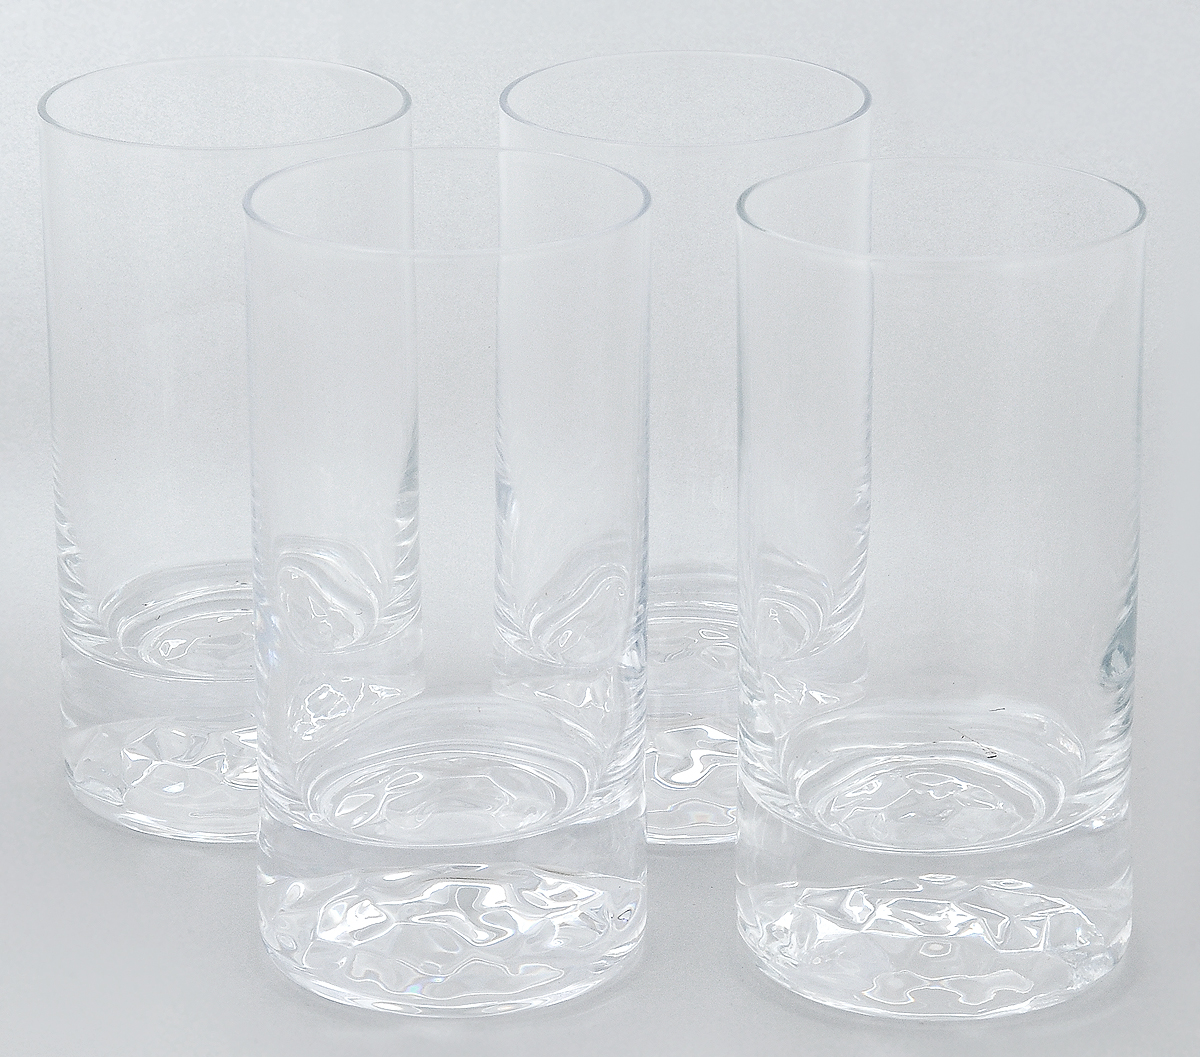 Набор стаканов Pasabahce Club, 280 мл, 4 штVT-1520(SR)Набор Pasabahce Club состоит из 4 стаканов, выполненных из прочного натрий-кальций-силикатного стекла. Изделия предназначены для подачи воды и других безалкогольных напитков. Они отличаются особой прочностью, излучают приятный блеск и издают мелодичный хрустальный звон.Стаканы станут идеальным украшением праздничного стола и отличным подарком к любому празднику.Можно мыть в посудомоечной машине и использовать в микроволновой печи.Диаметр стакана (по верхнему краю): 6,5 см.Высота: 13 см.